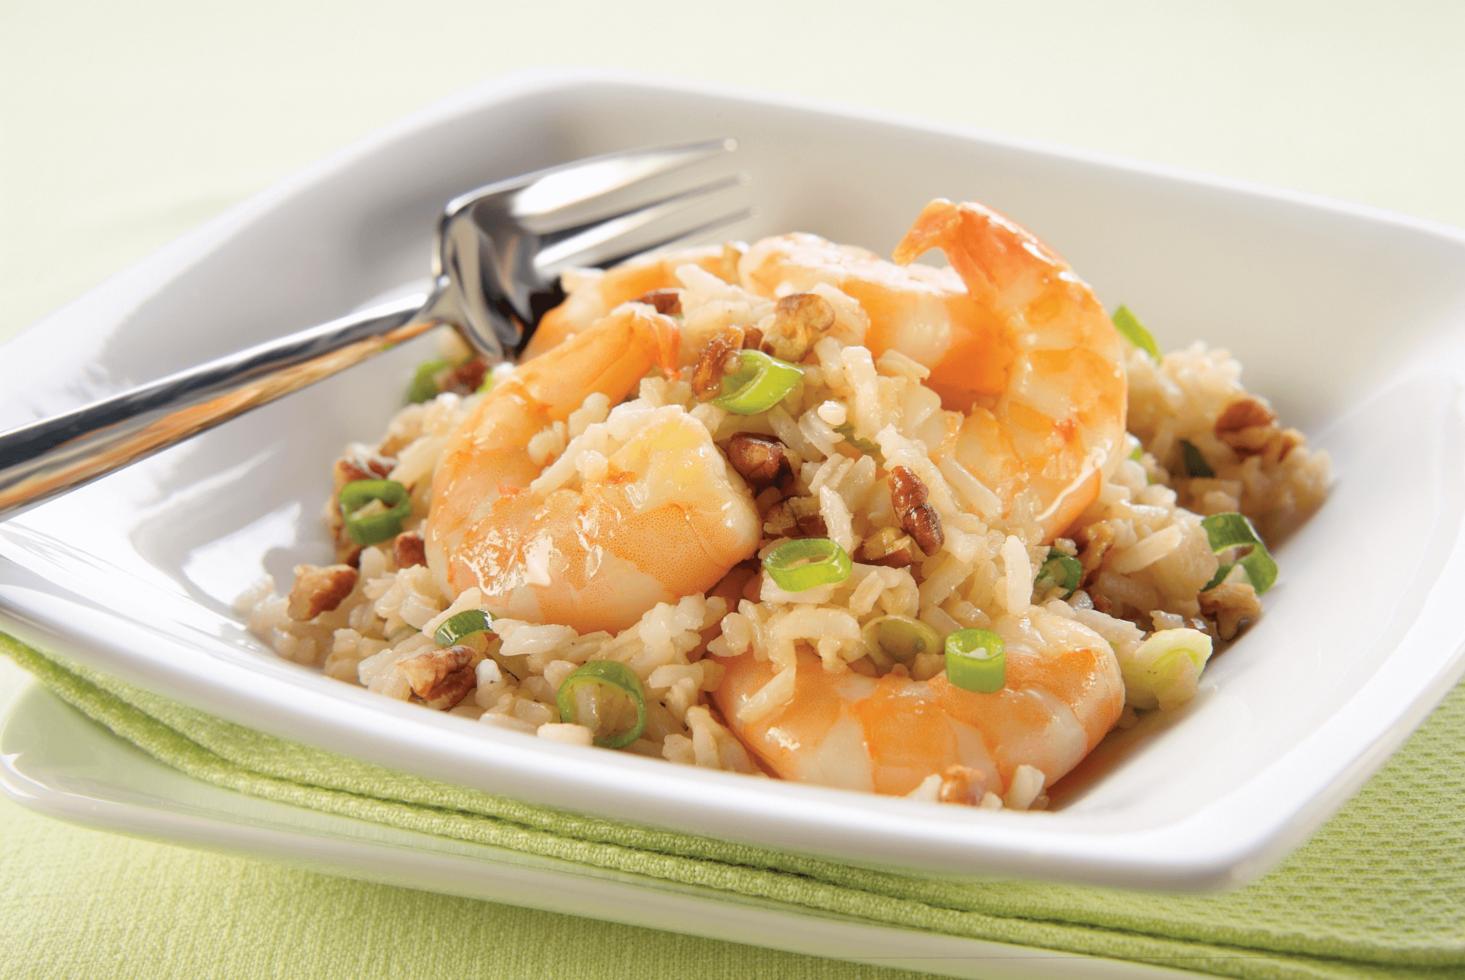 Asian Pecan, Shrimp and Rice Salad